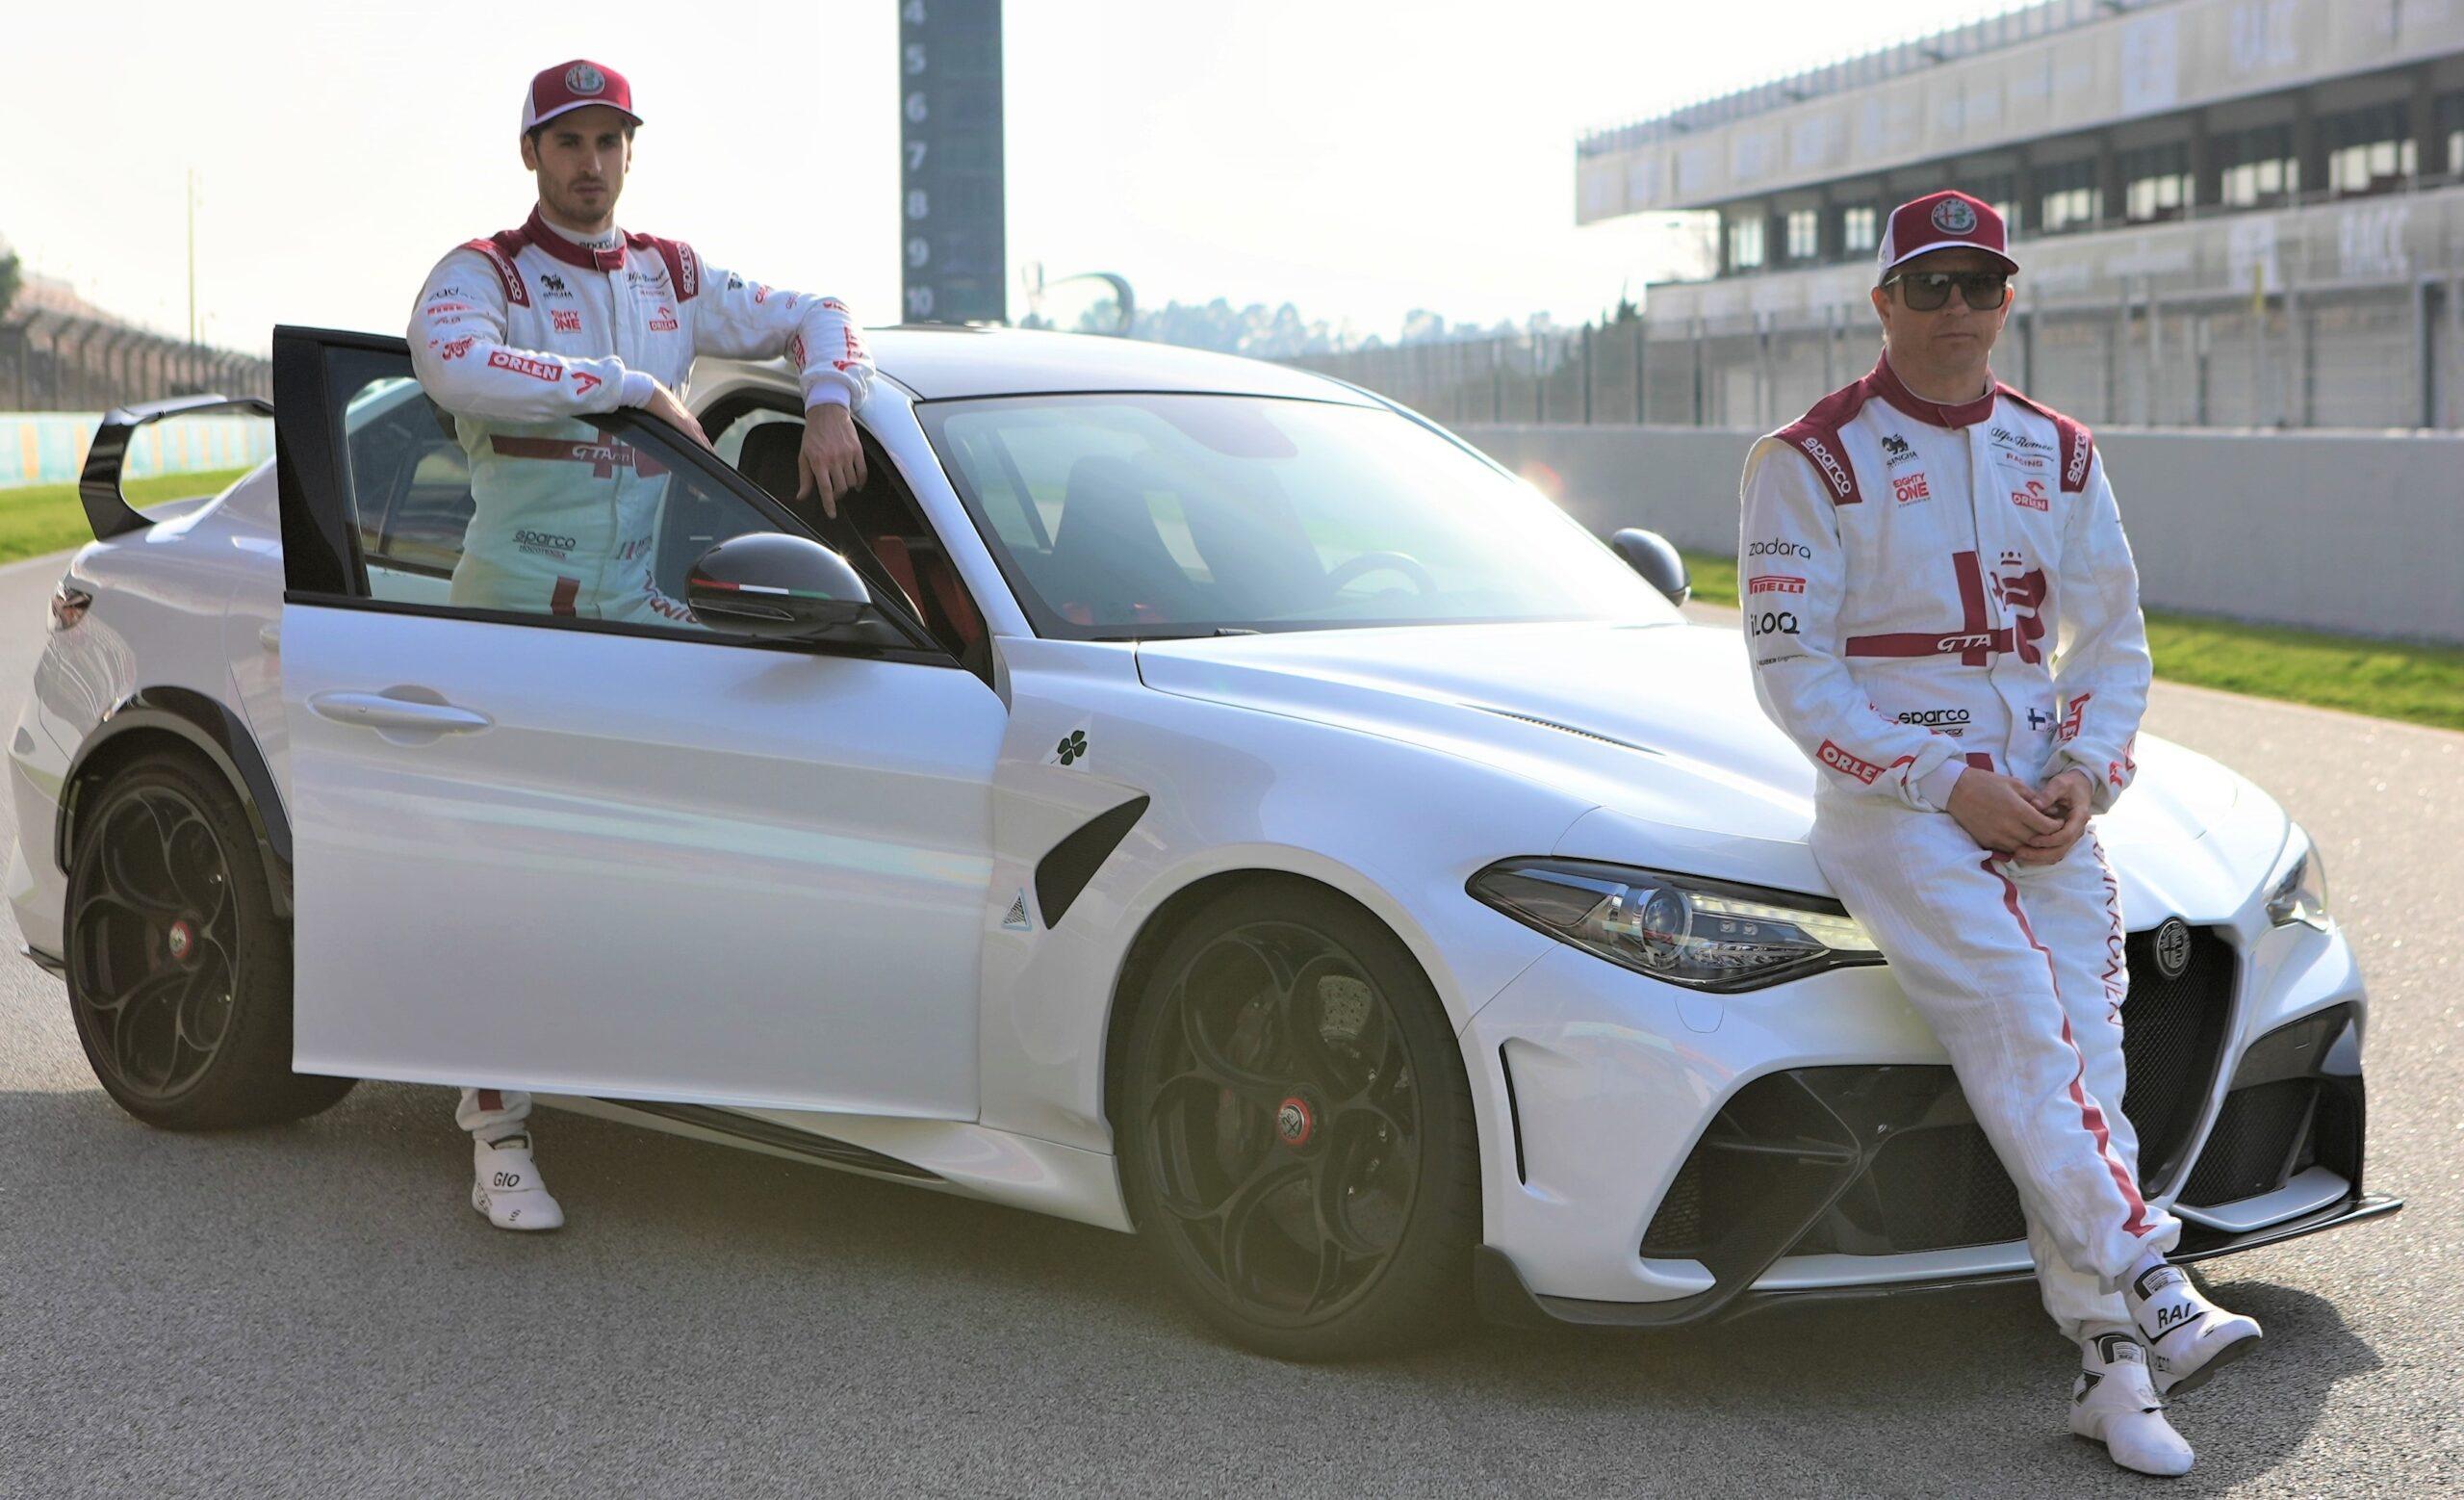 Giulia GTA e GTAm in F1 con l'Alfa Romeo Racing.